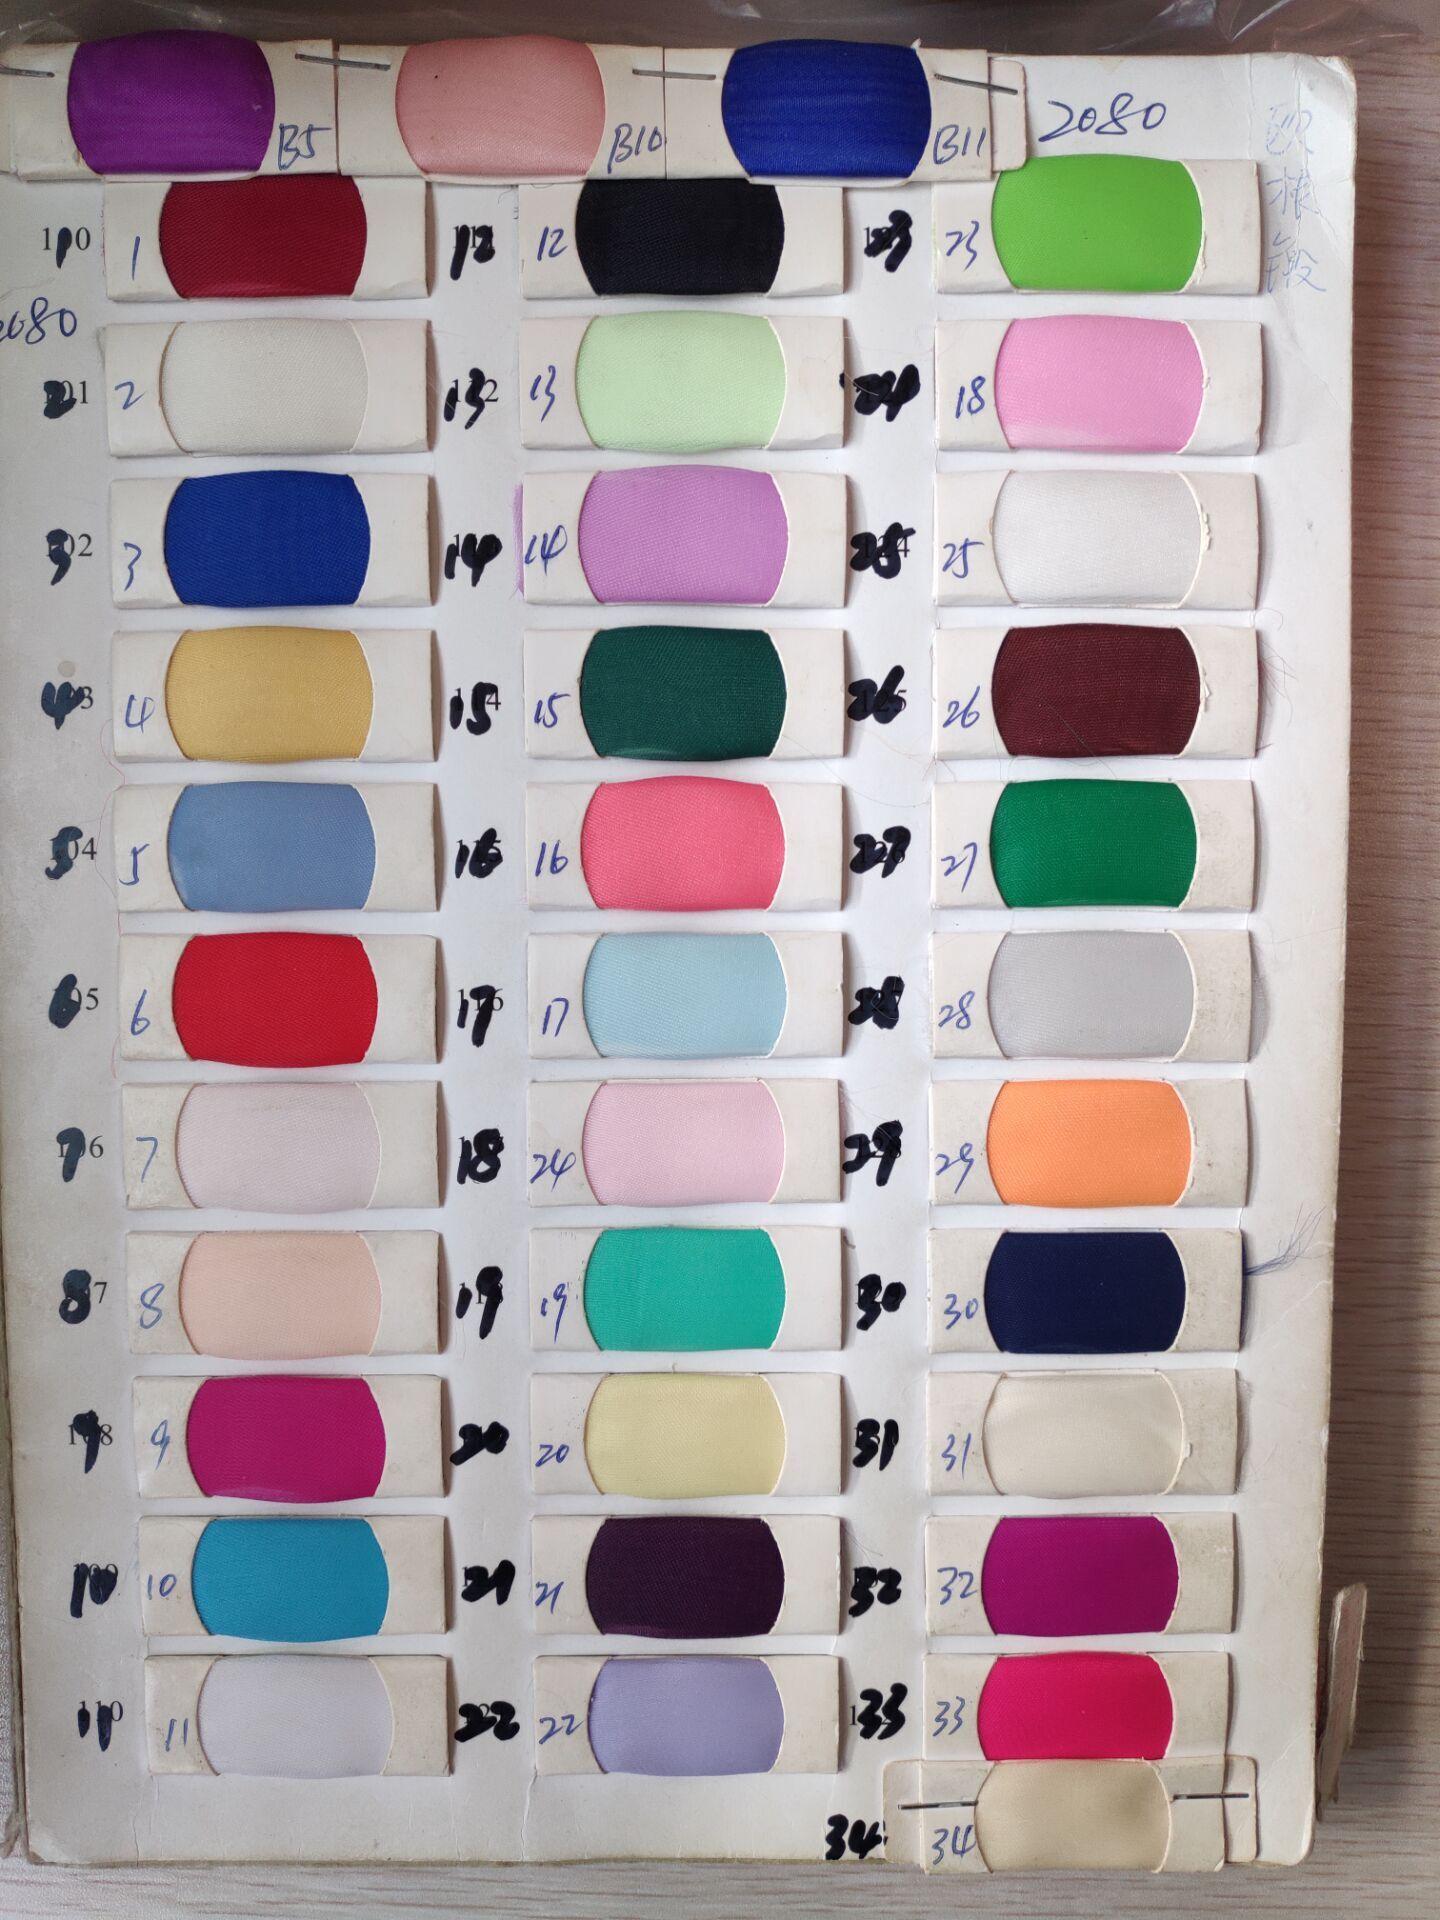 À la mode hors de l'épaule à manches longues Organza Blouse chemises femmes 2020 à volants gonflé Tulle formel hauts fête personnalisé toute couleur libre - 6